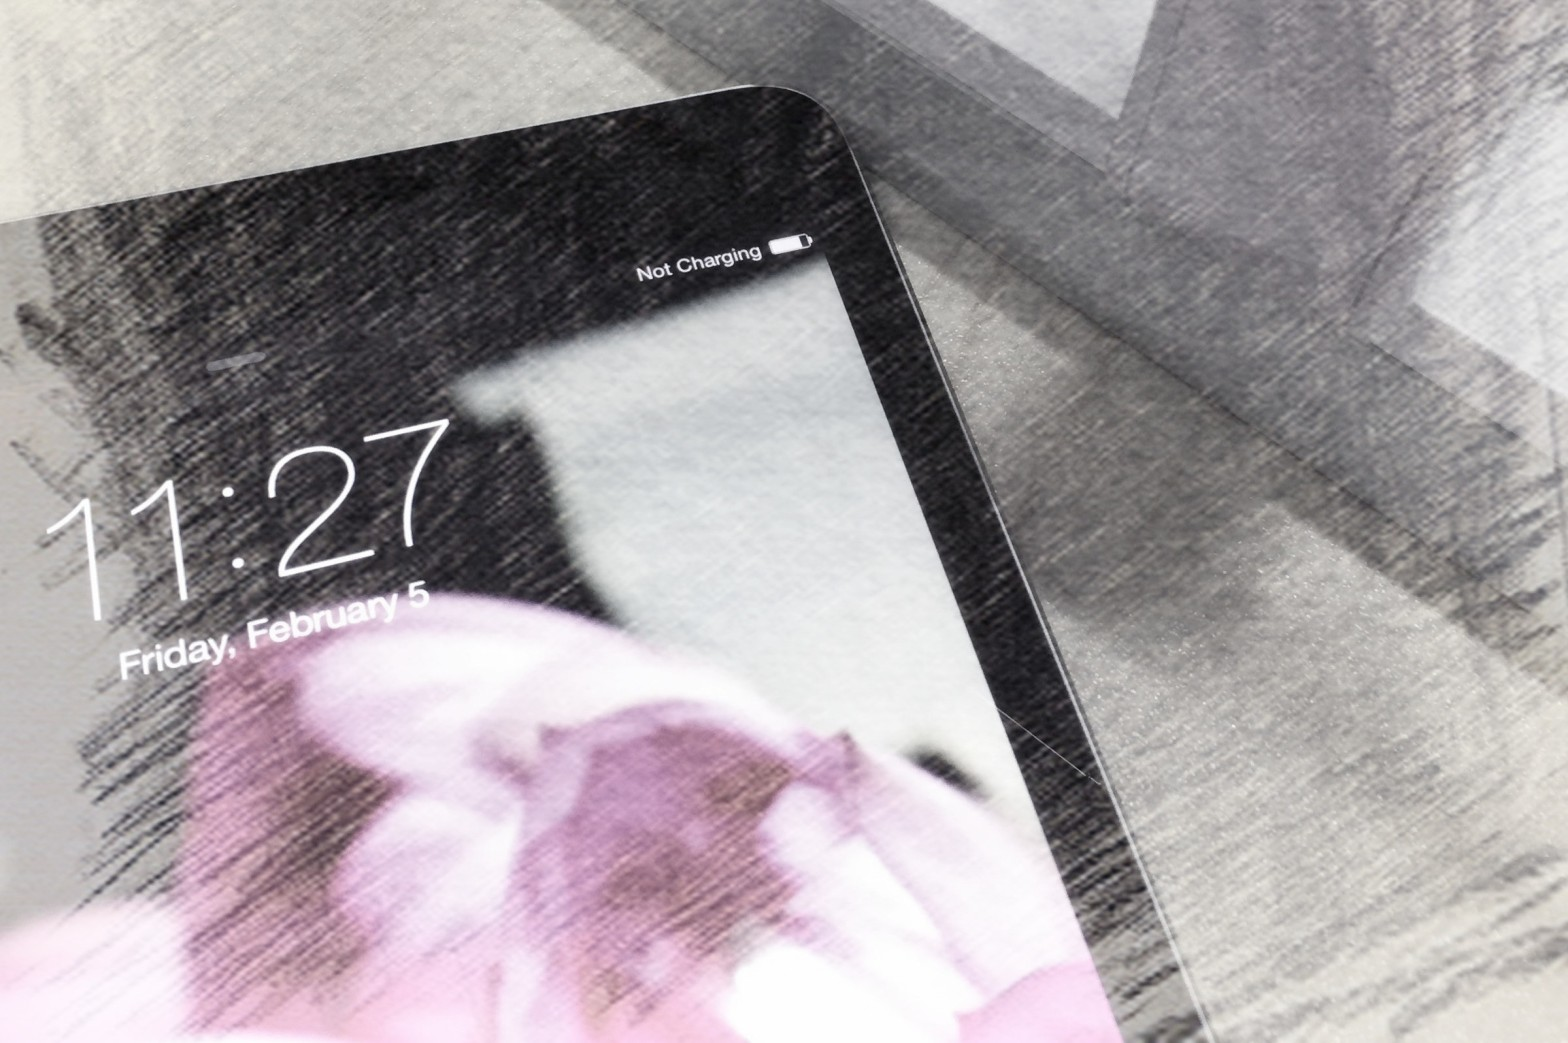 Why iPad says no charging